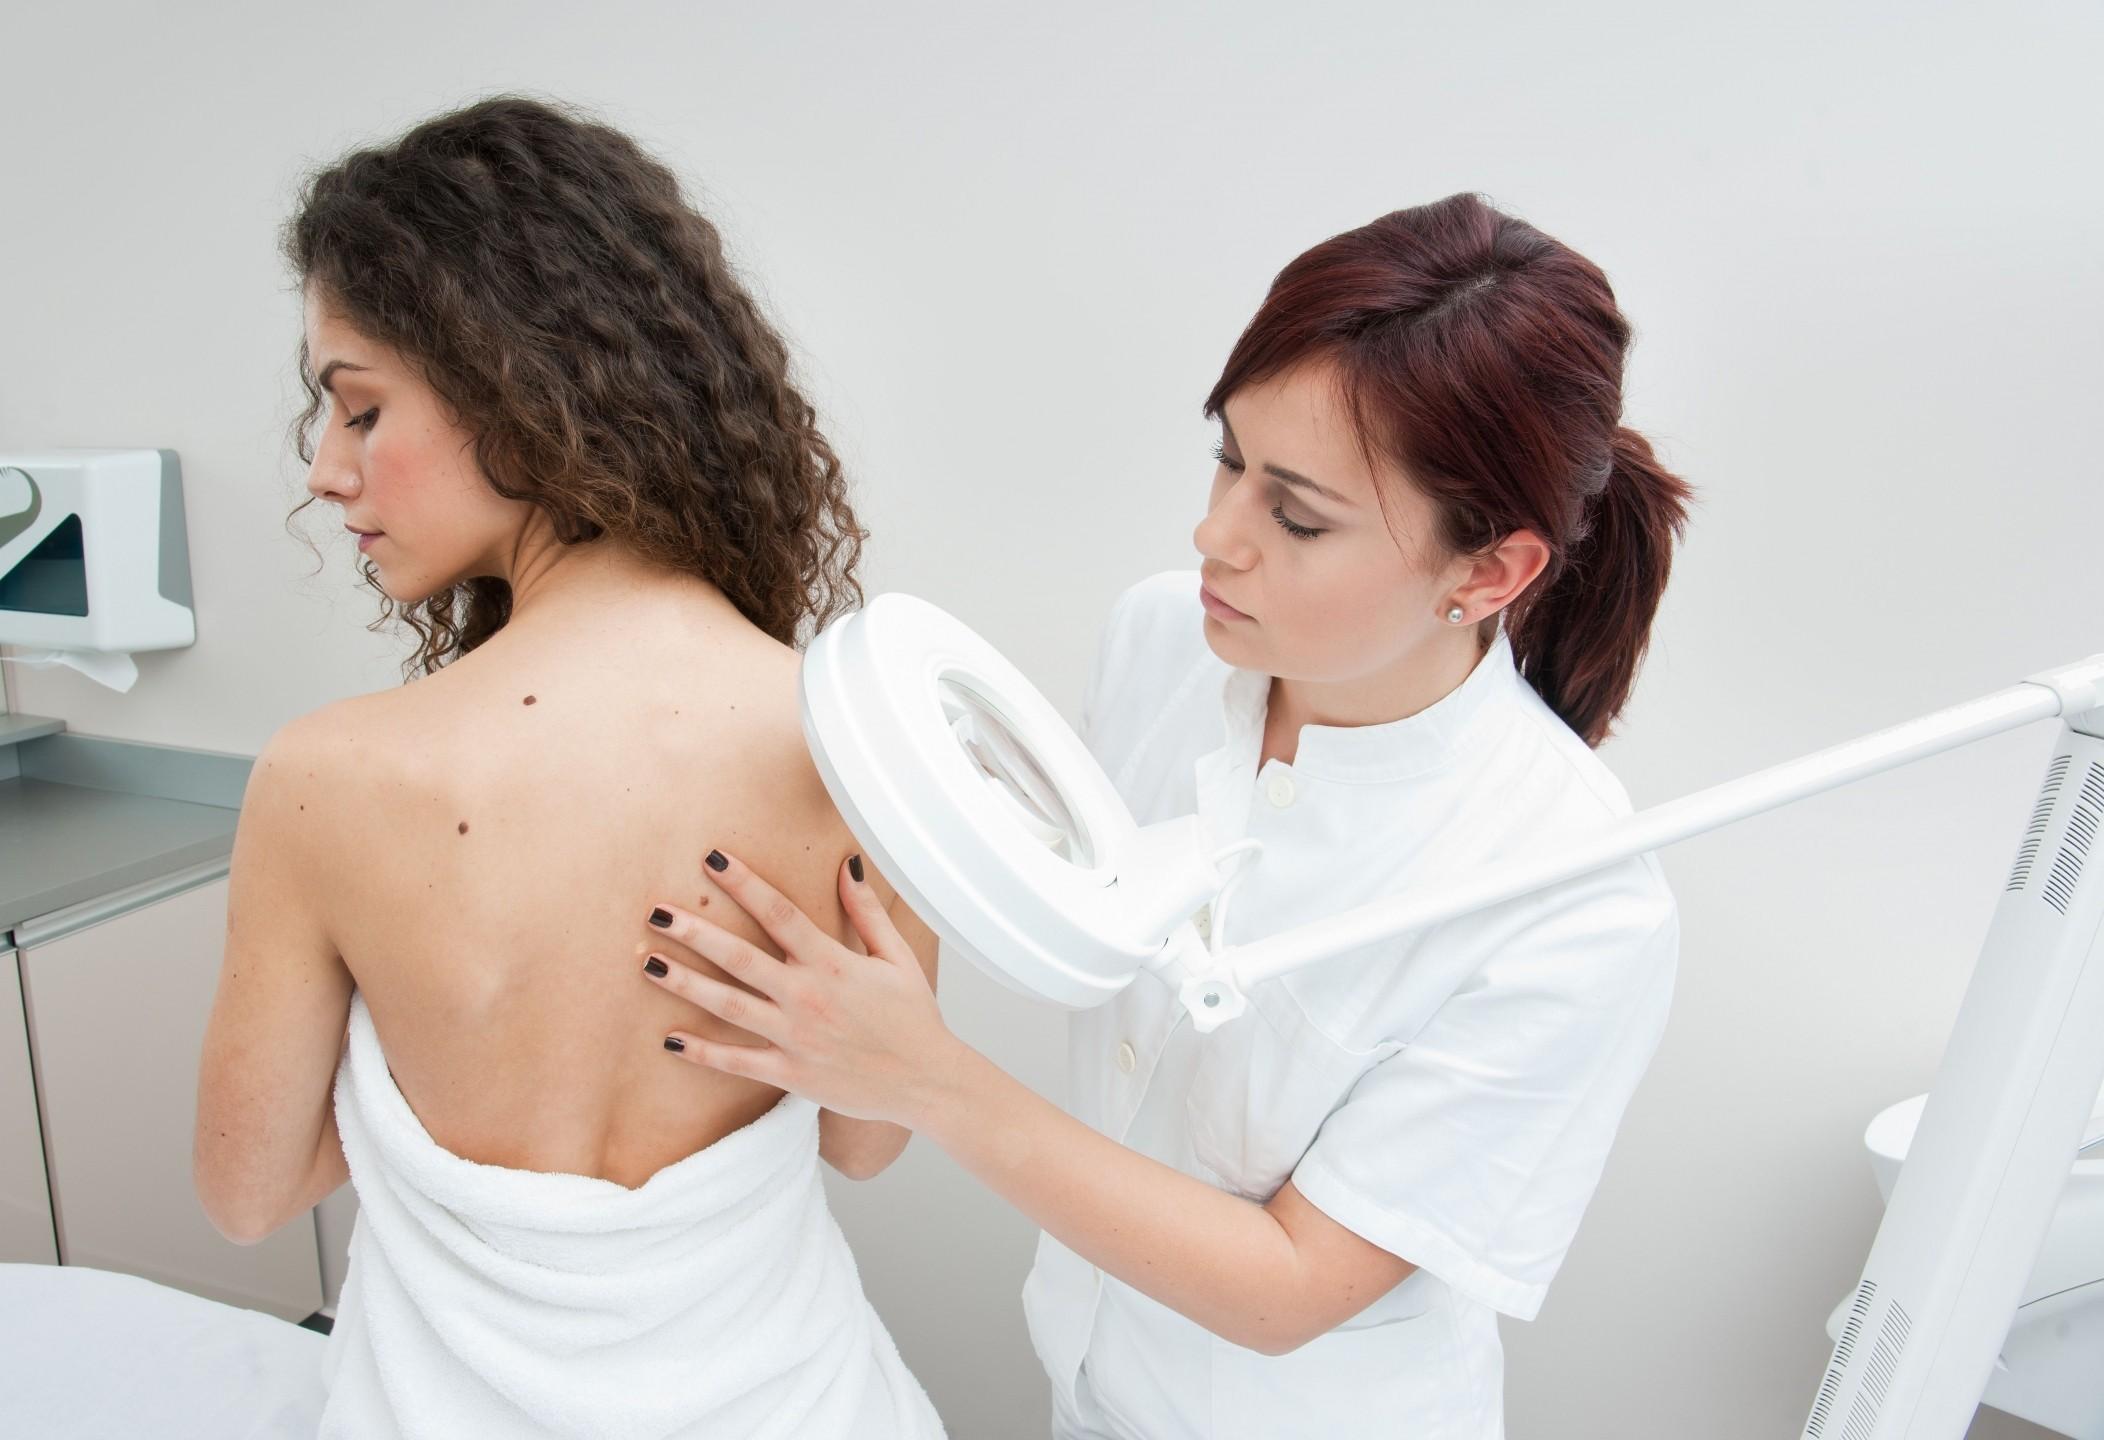 Дерматолог - Диагностика и лечение заболеваний кожи. Консультация